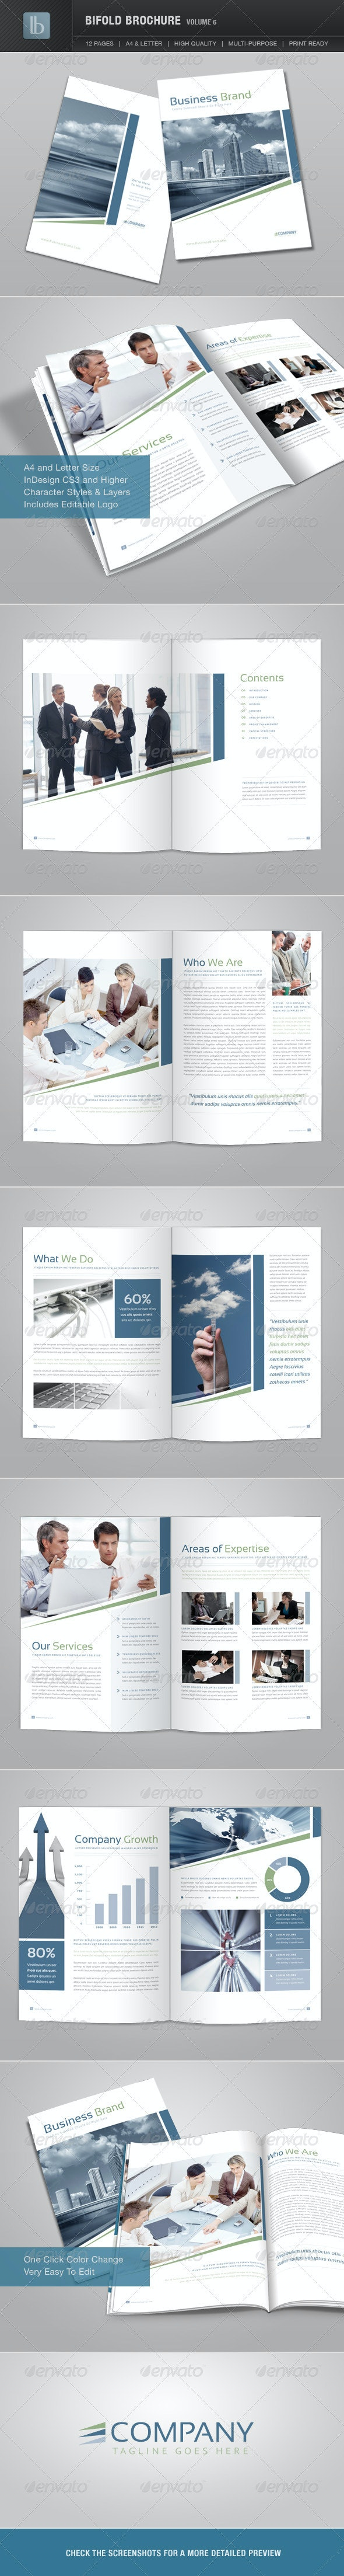 Bifold Brochure | Volume 6 - Corporate Brochures